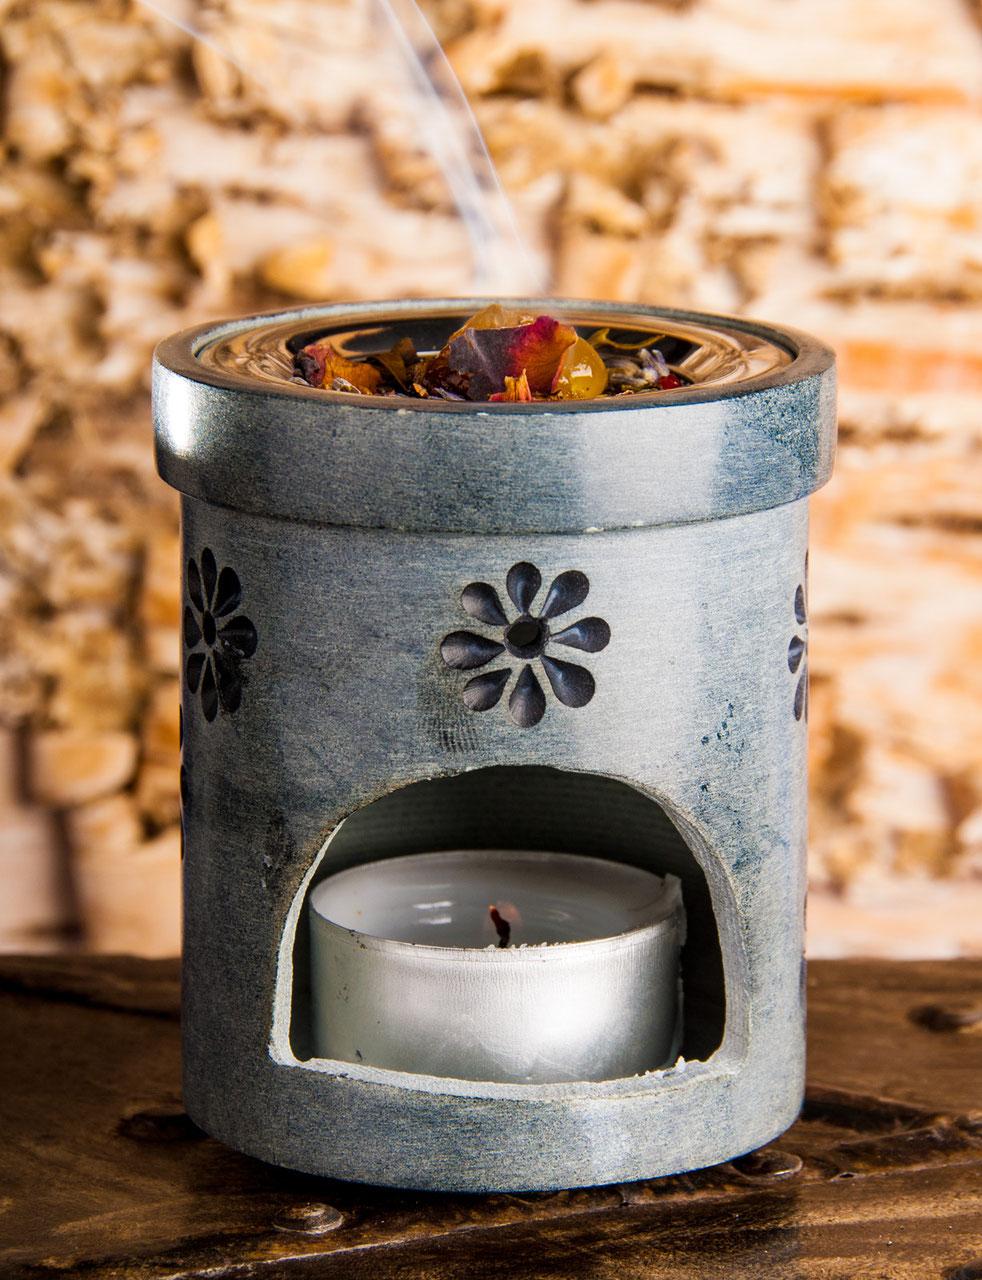 aus Ton 8cm Durchmesser Flamme Räucherstövchen mit Sieb